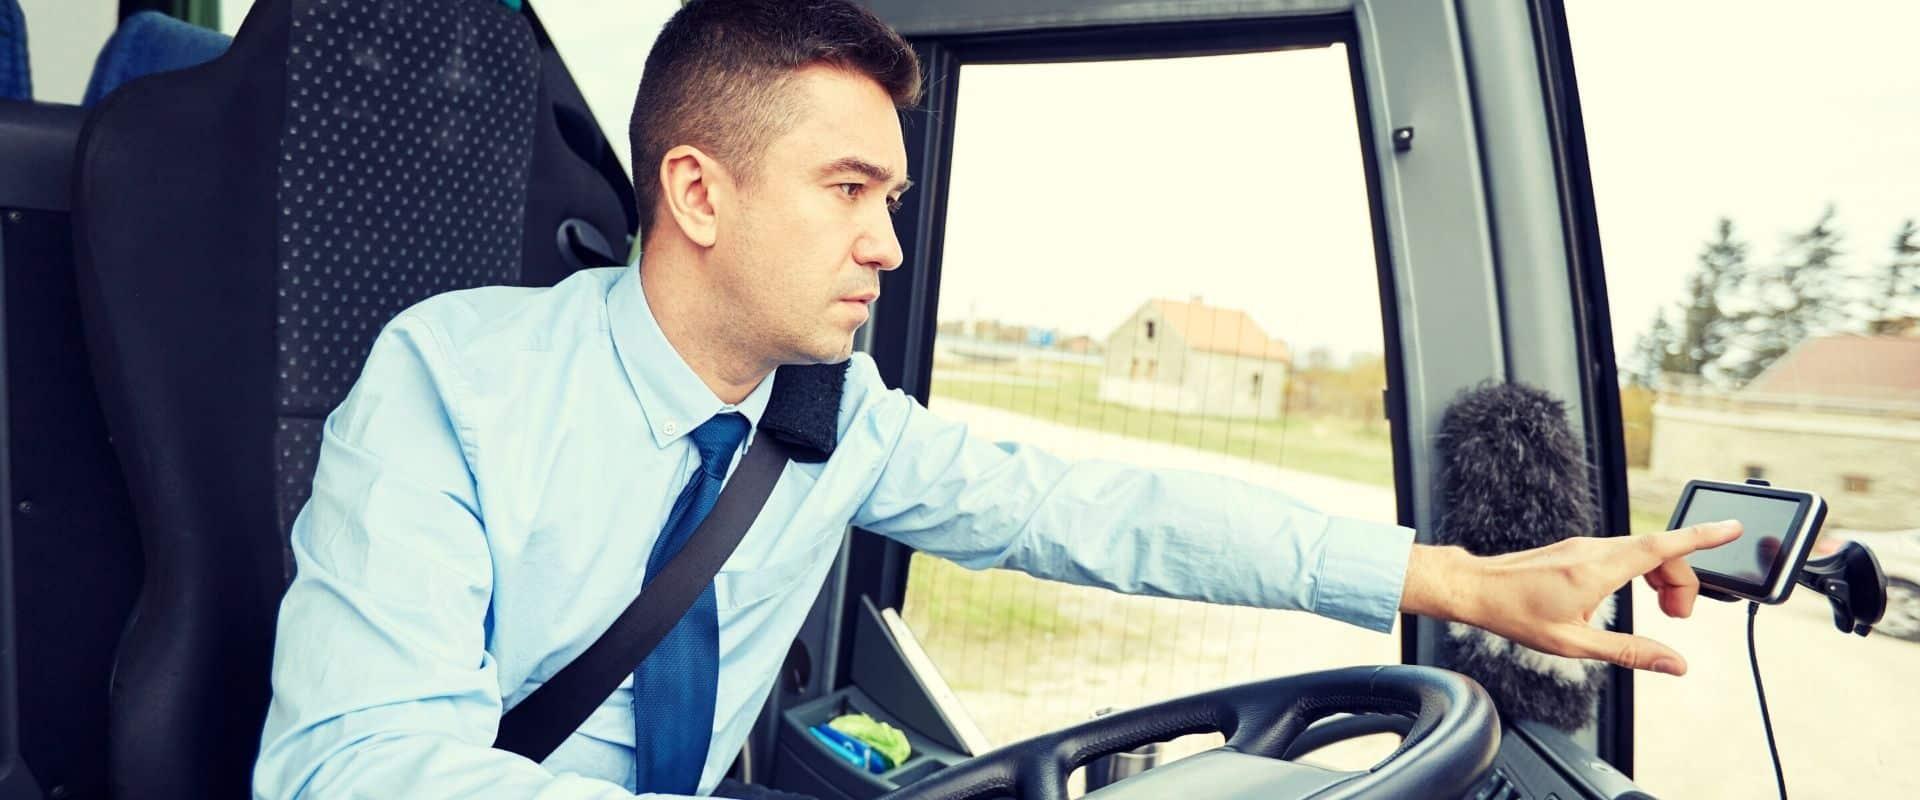 disponibilité et flexibilité en bus